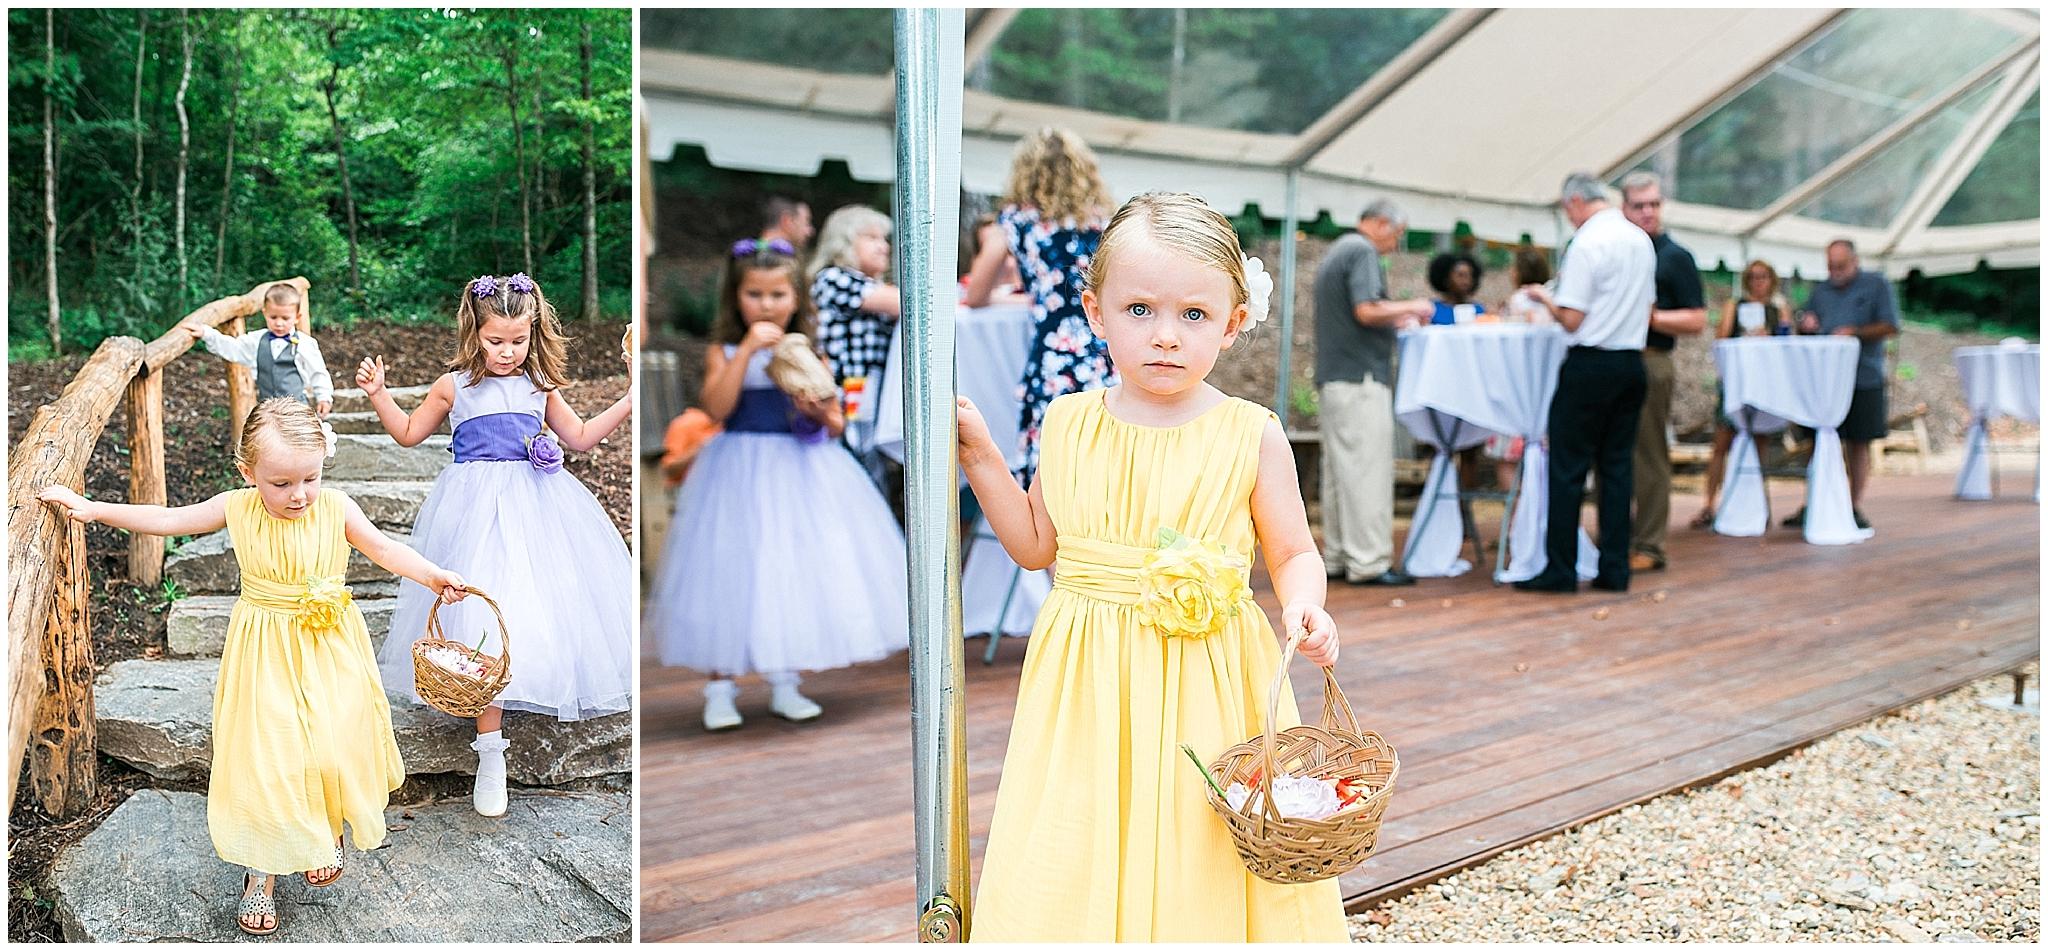 Asheville_Wedding_Photographer_JuneBug_Retro_Resort_0004.jpg